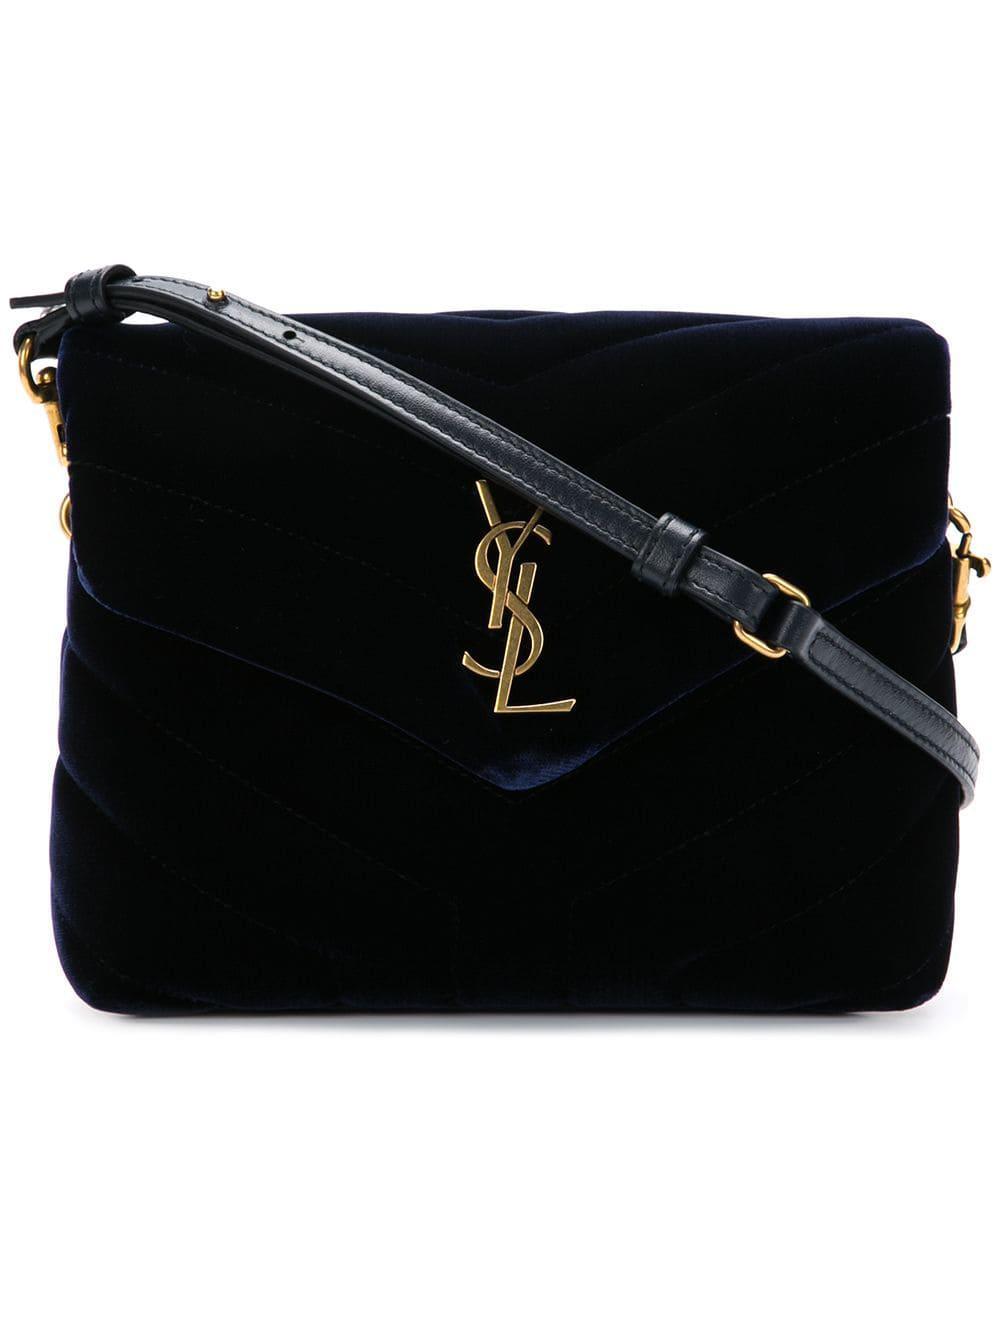 d1c912d3f8 Lyst - Saint Laurent Monogram Leather Shoulder Bag in Blue